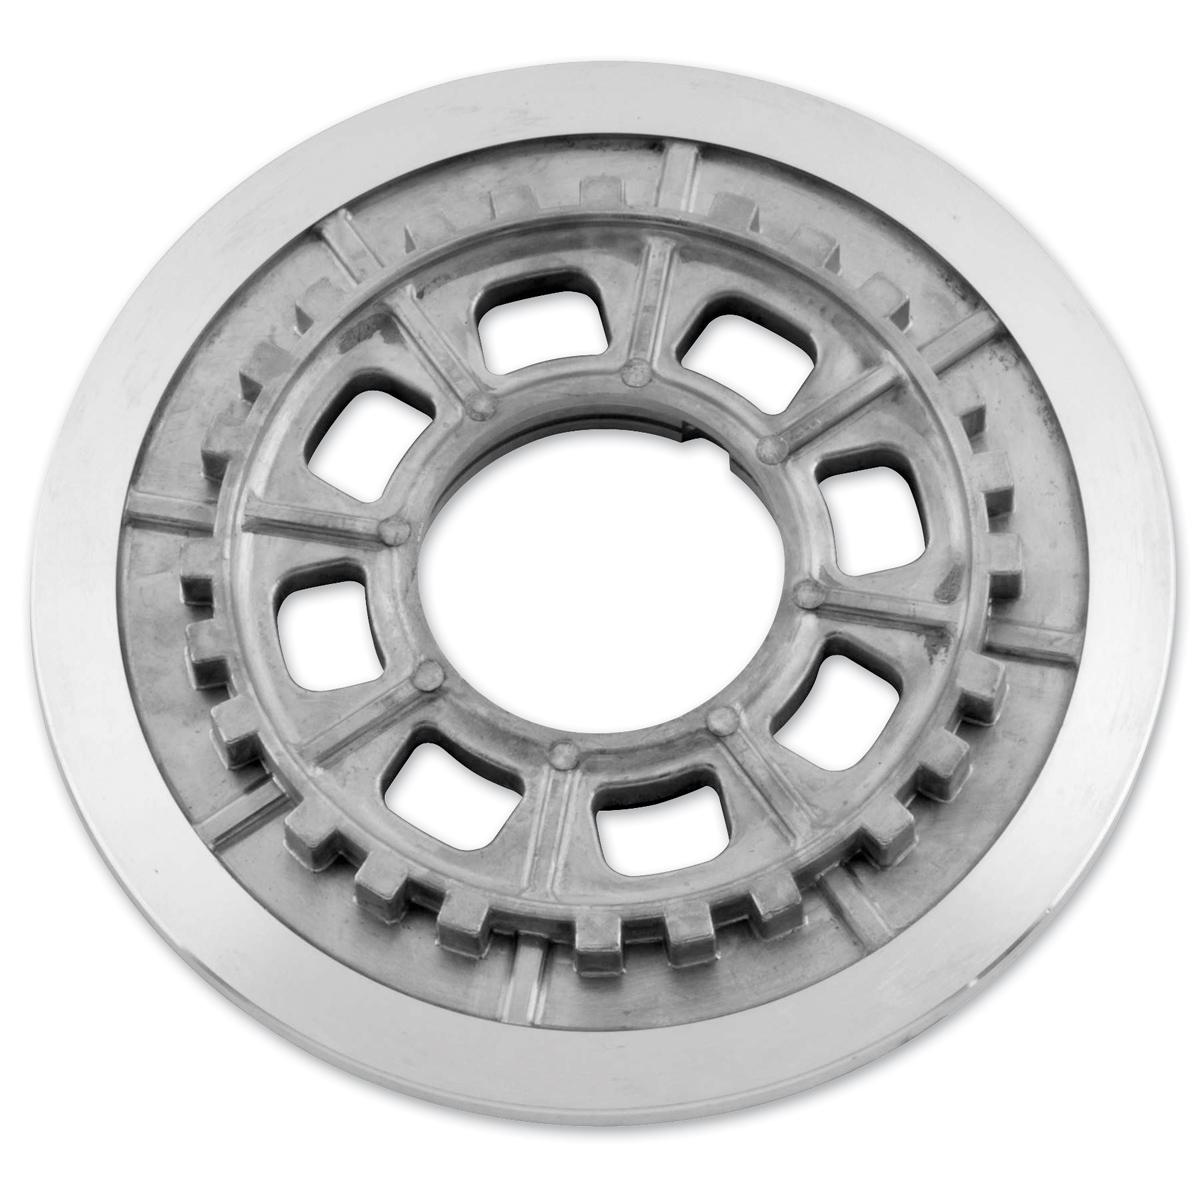 Twin Power Aluminum Clutch Pressure Plate